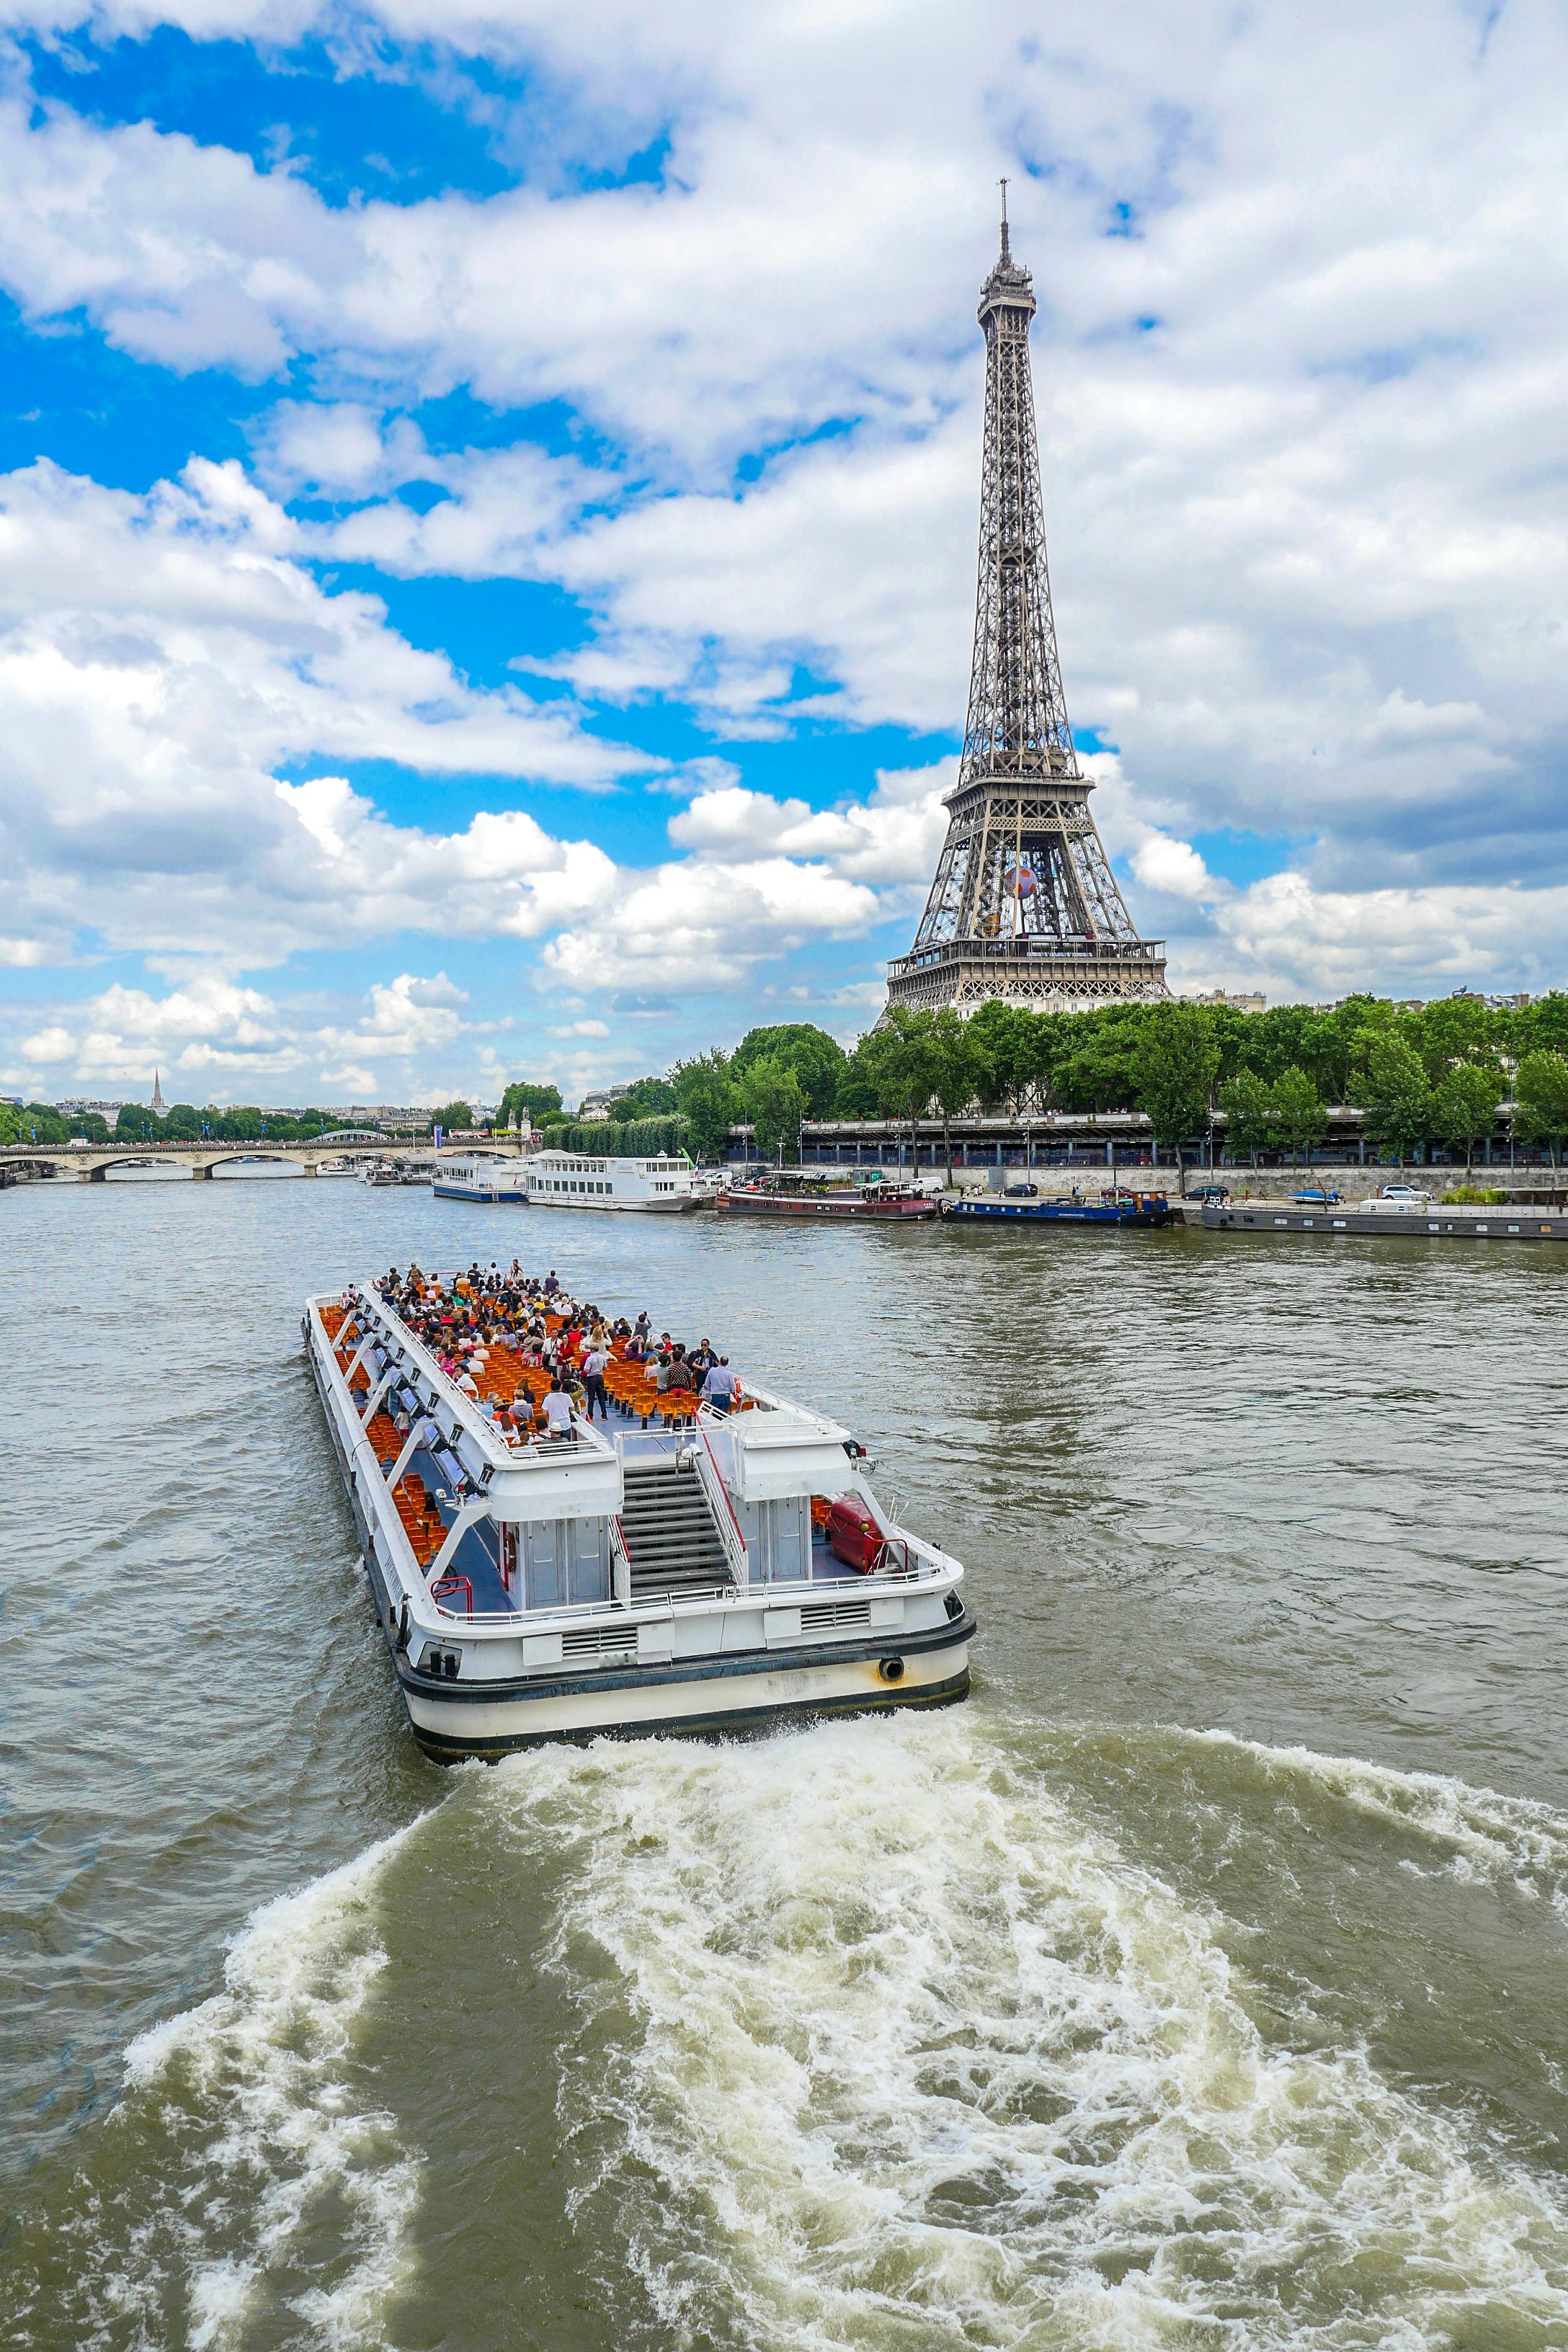 Un crucero por el Sena - Francia Circuito Castillos de Loira, Normandía y París